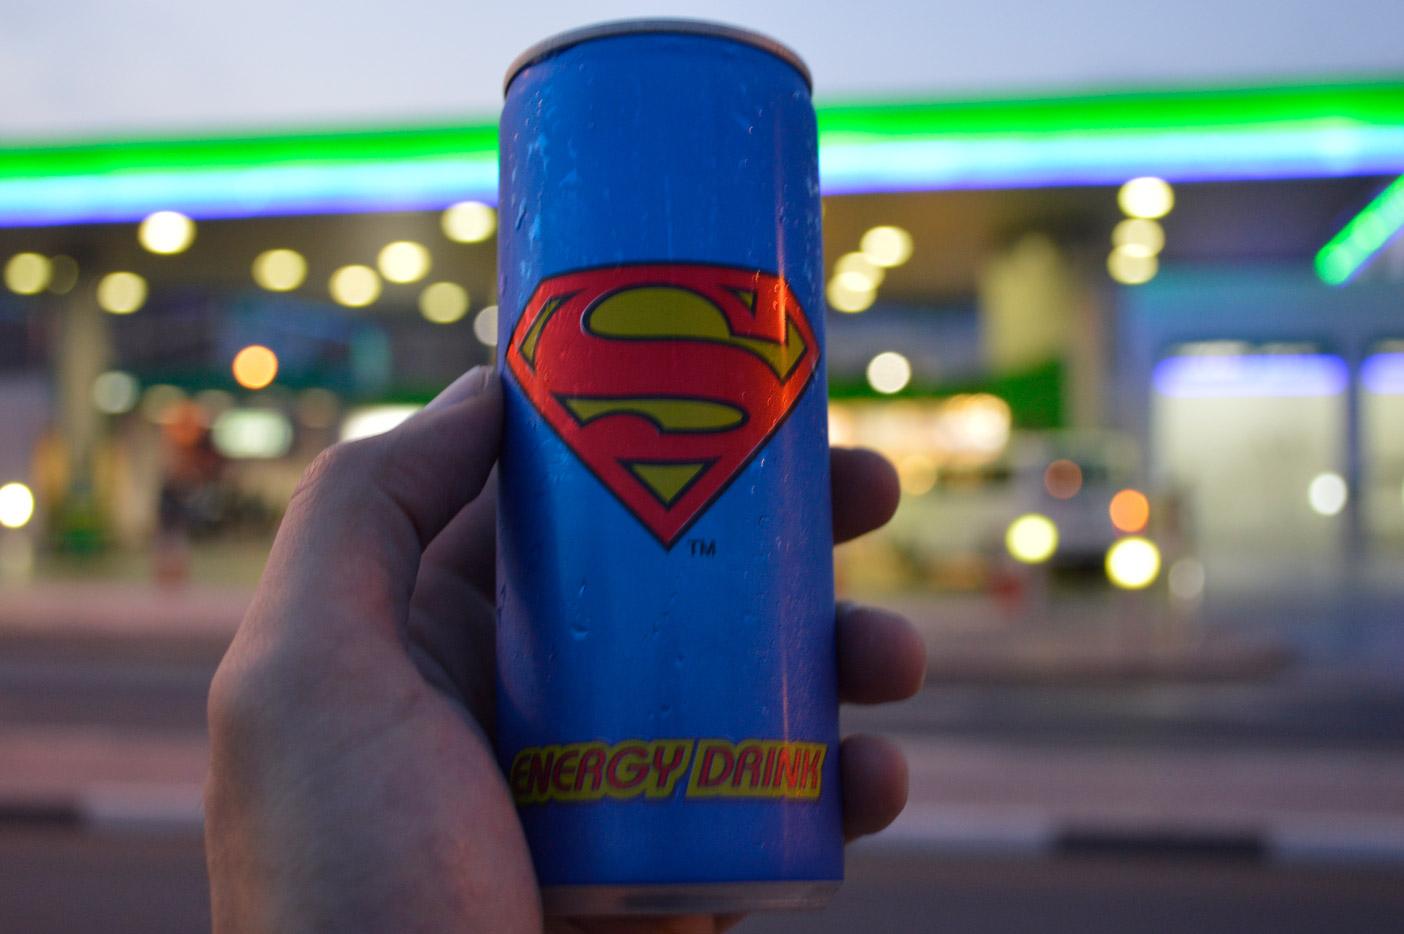 スーパーマンのエナジードリンク